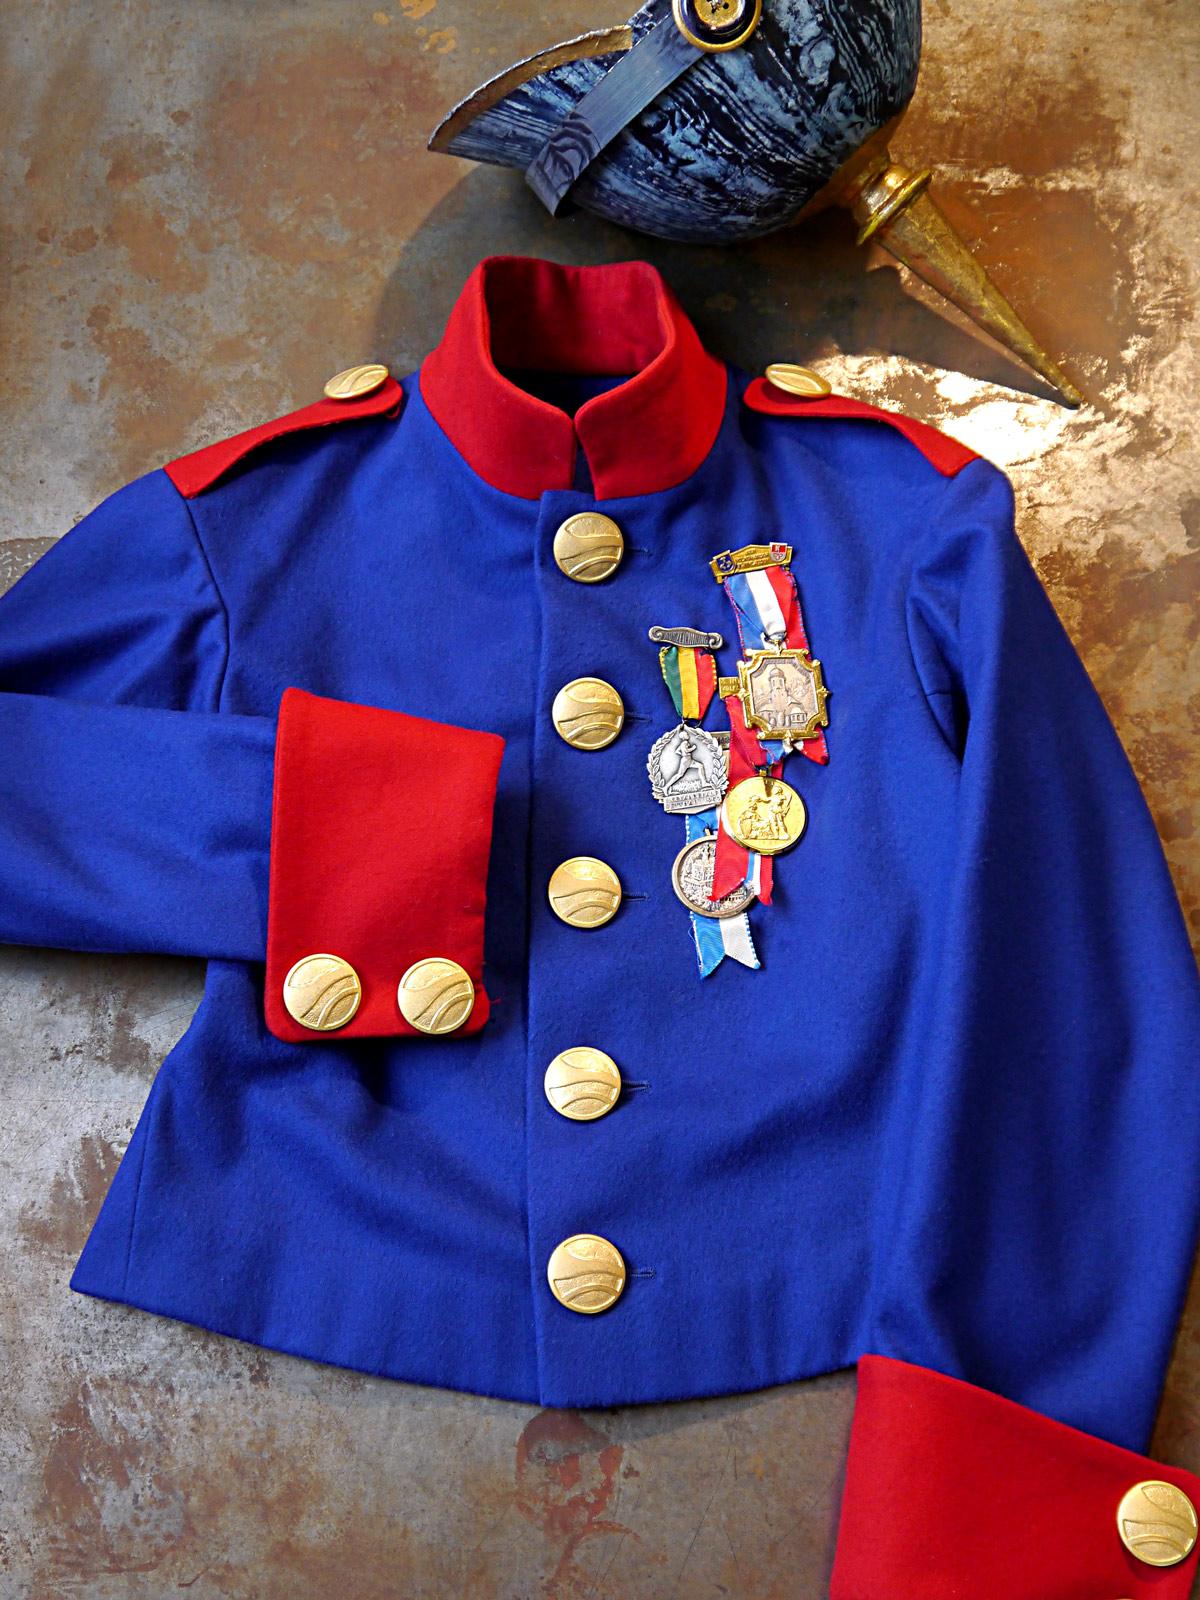 La Fille du Regiment-Die Regimentstochter-Kostuembildner-Bernhard Duss-Costuemdesign-Kostuembild-Oper-Ausstattung-theateruniform-uniform-pickelhaube